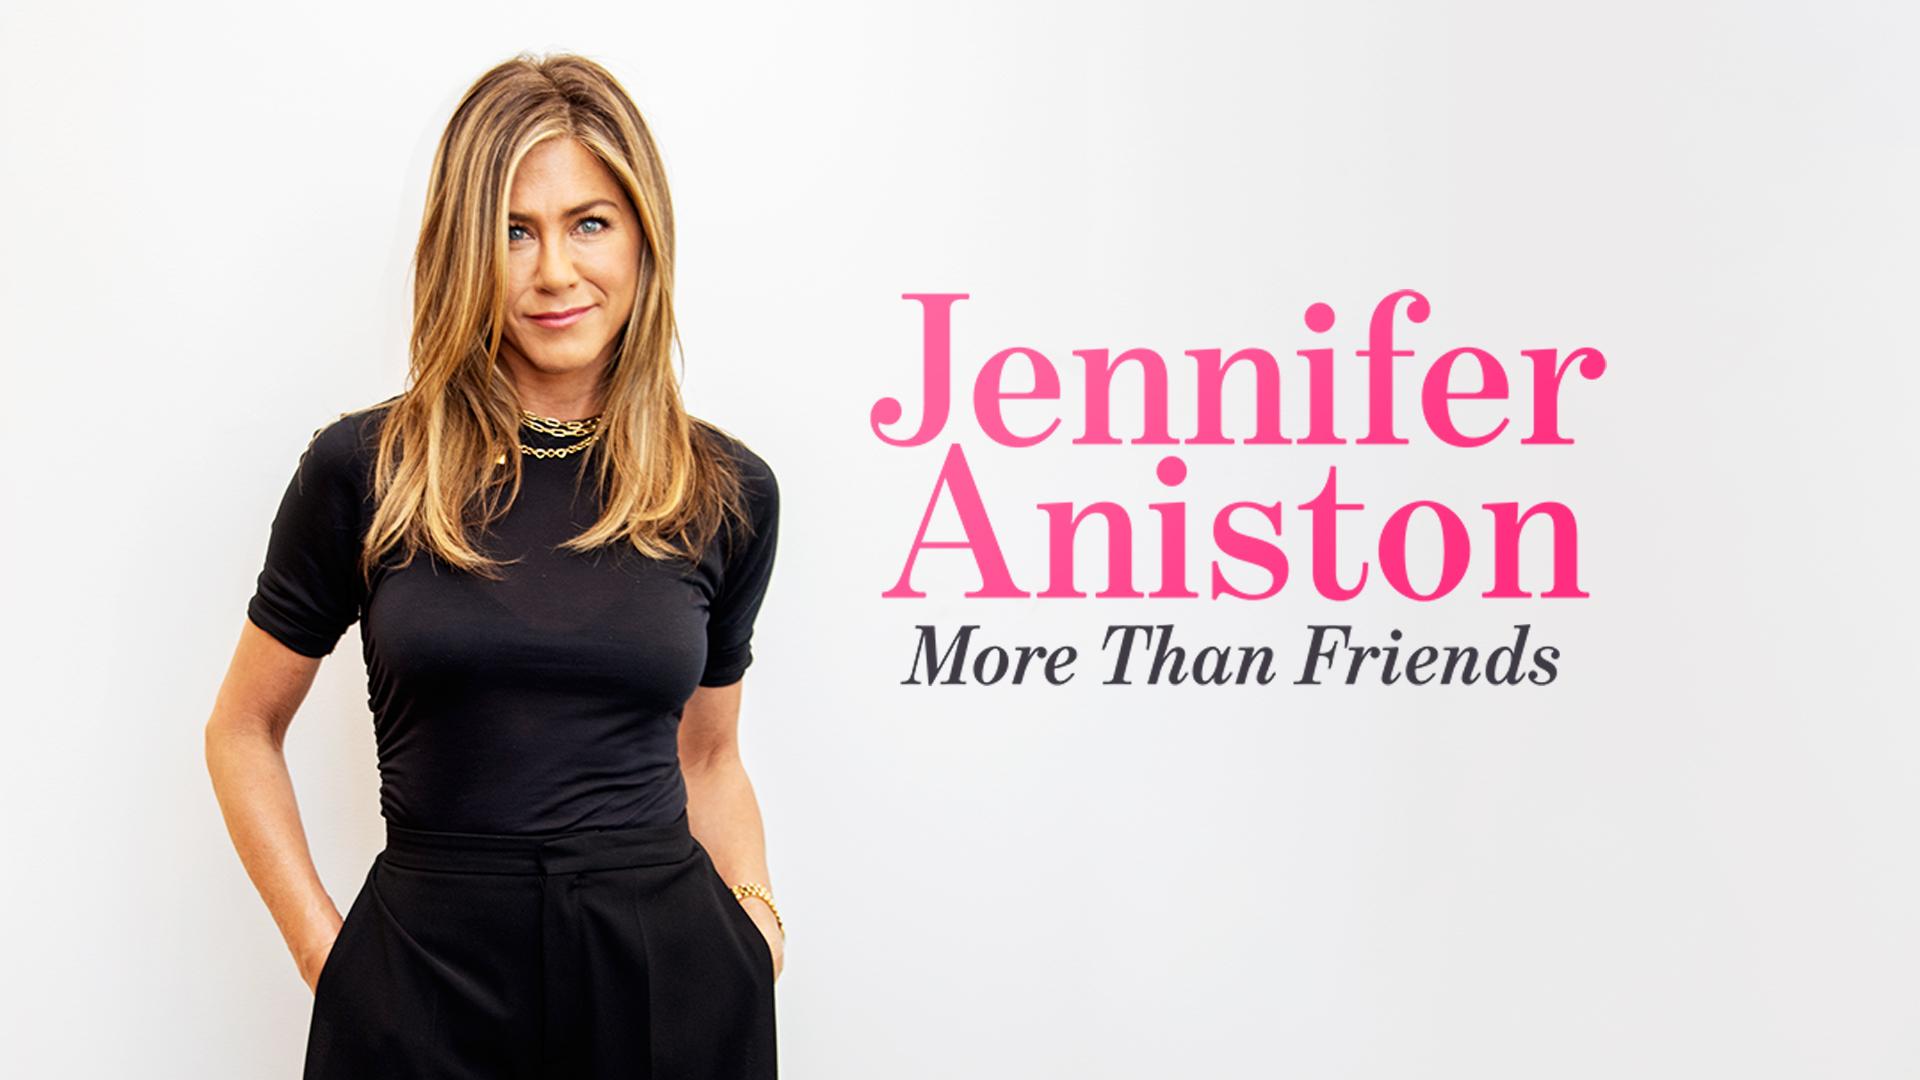 """جنيفر أنيستون  تستعرض رحلتها في عالم التمثيل في فيلم """"أكثر من مجرد أصدقاء"""""""